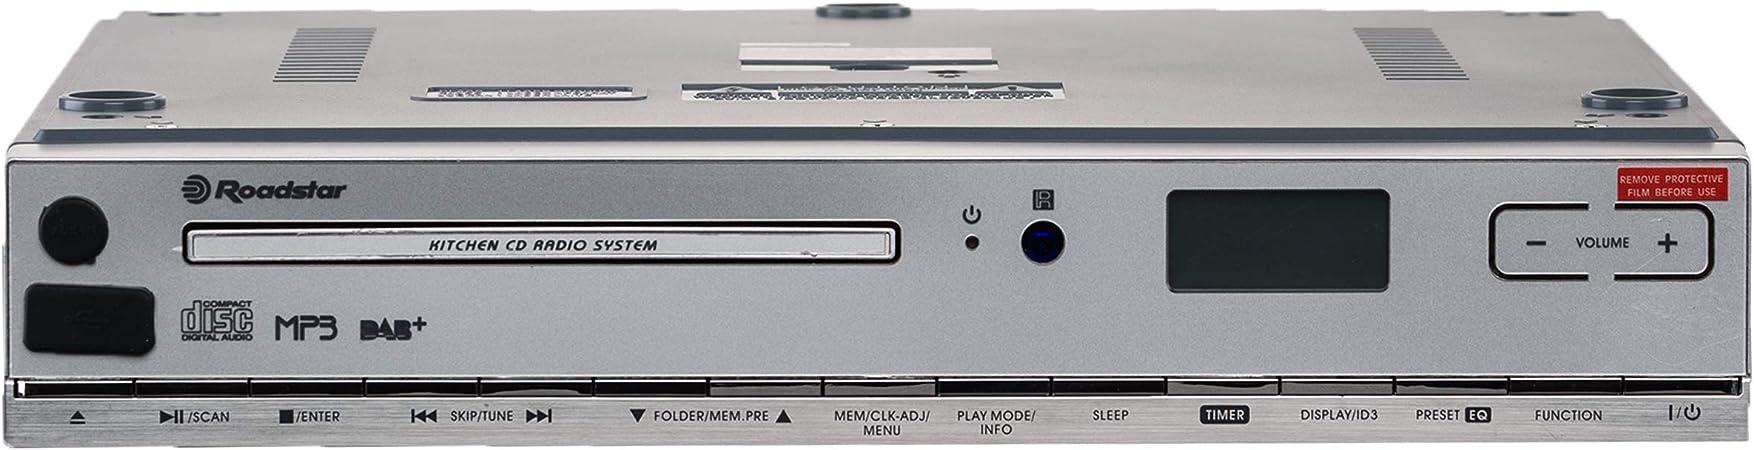 Roadstar Clr 2950 Dab Küchen Unterbauradio Mit Cd Cd Spieler Mp3 Usb Aux Dab Fernbedienung Montage Kit Weiß Heimkino Tv Video